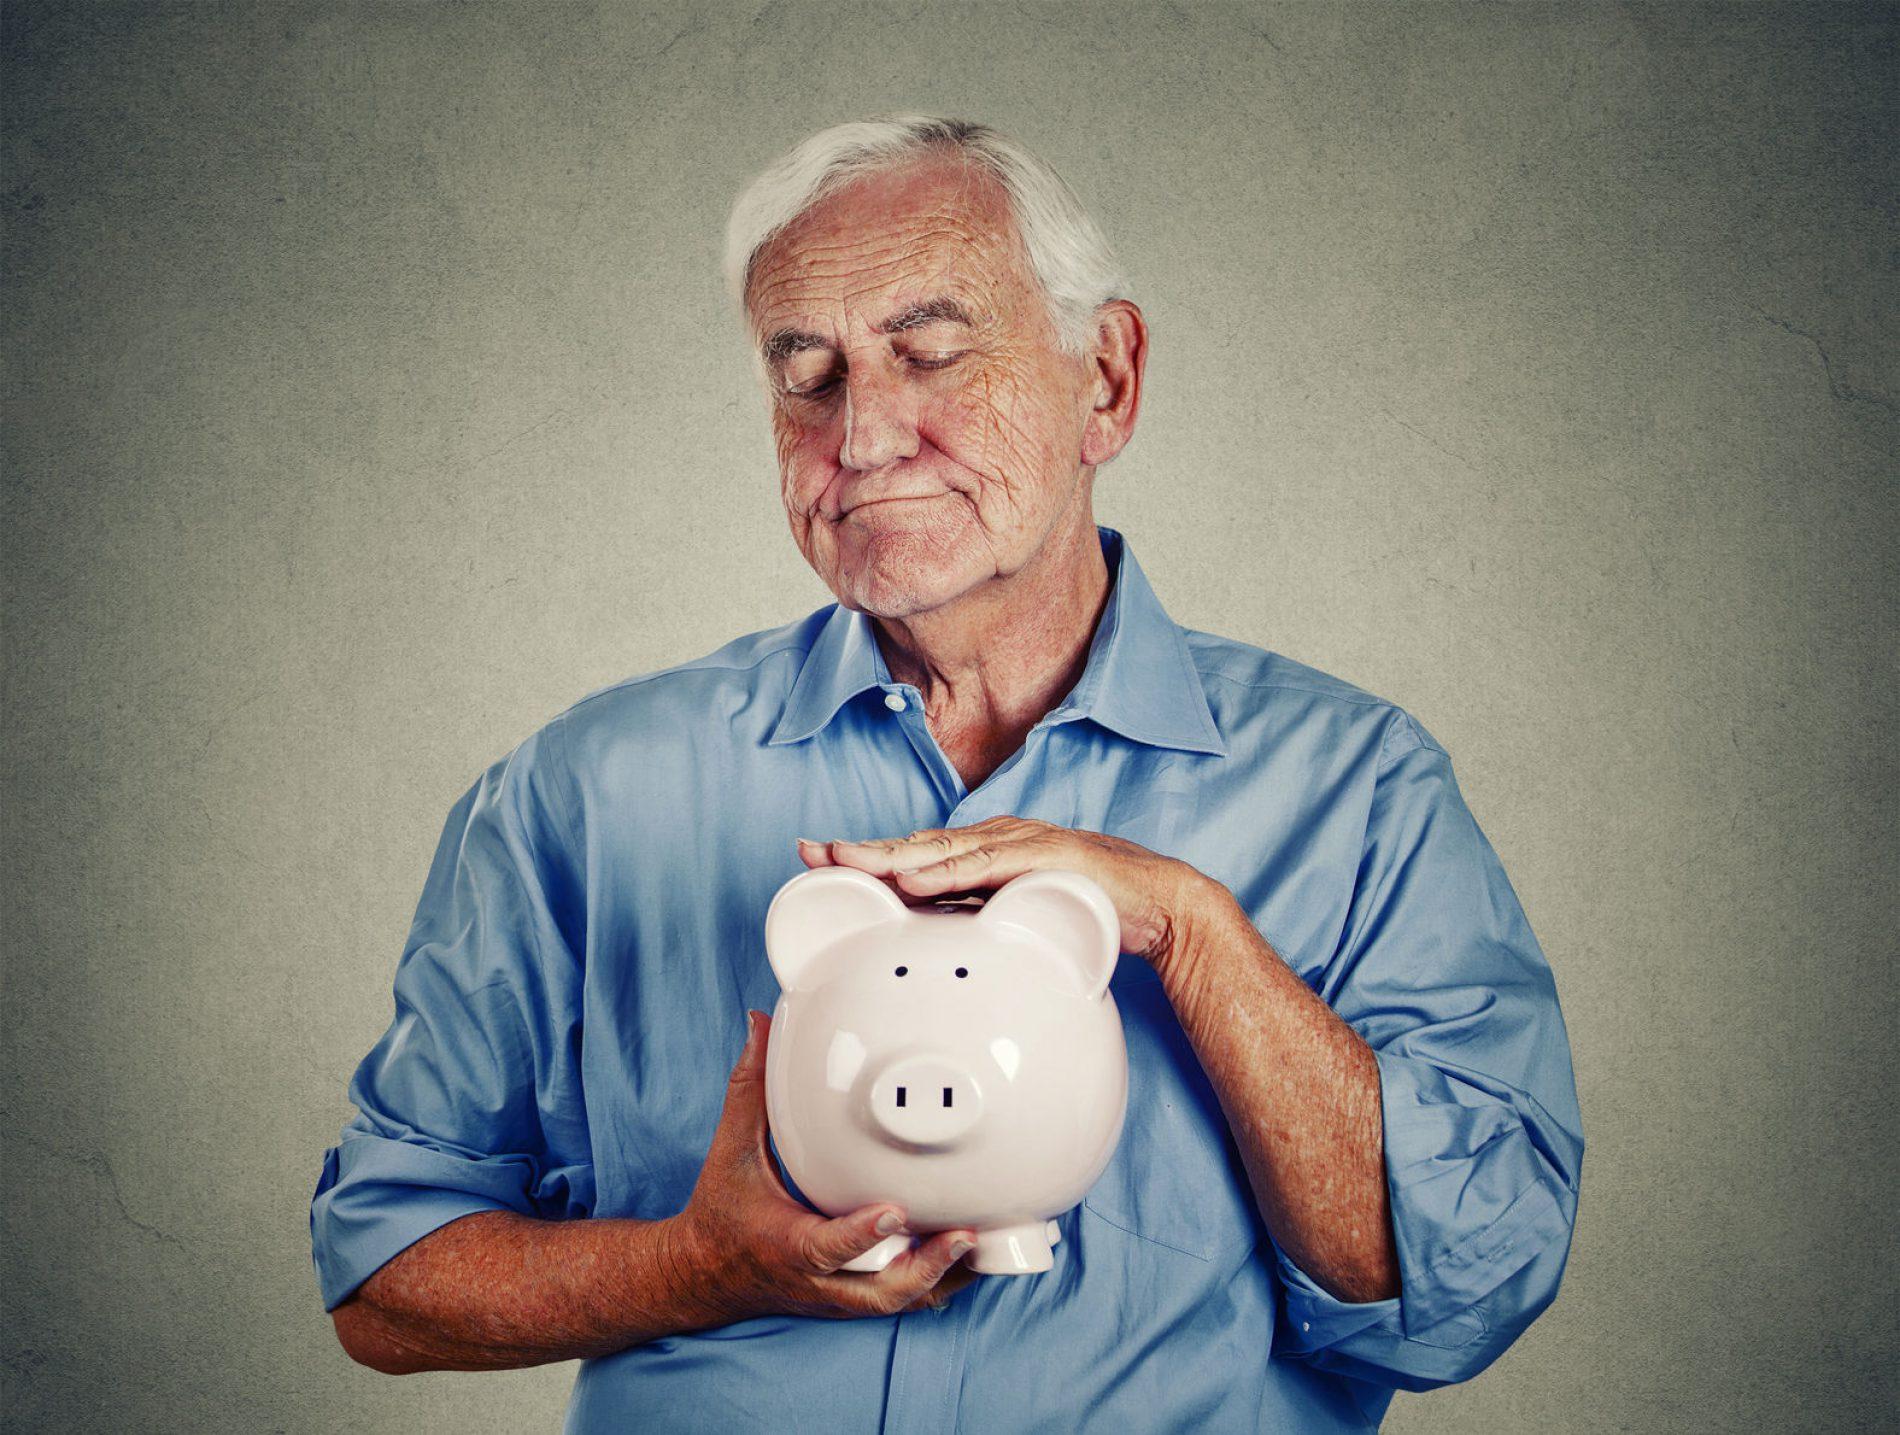 Economia: a rischio le pensioni con il tfr in busta paga